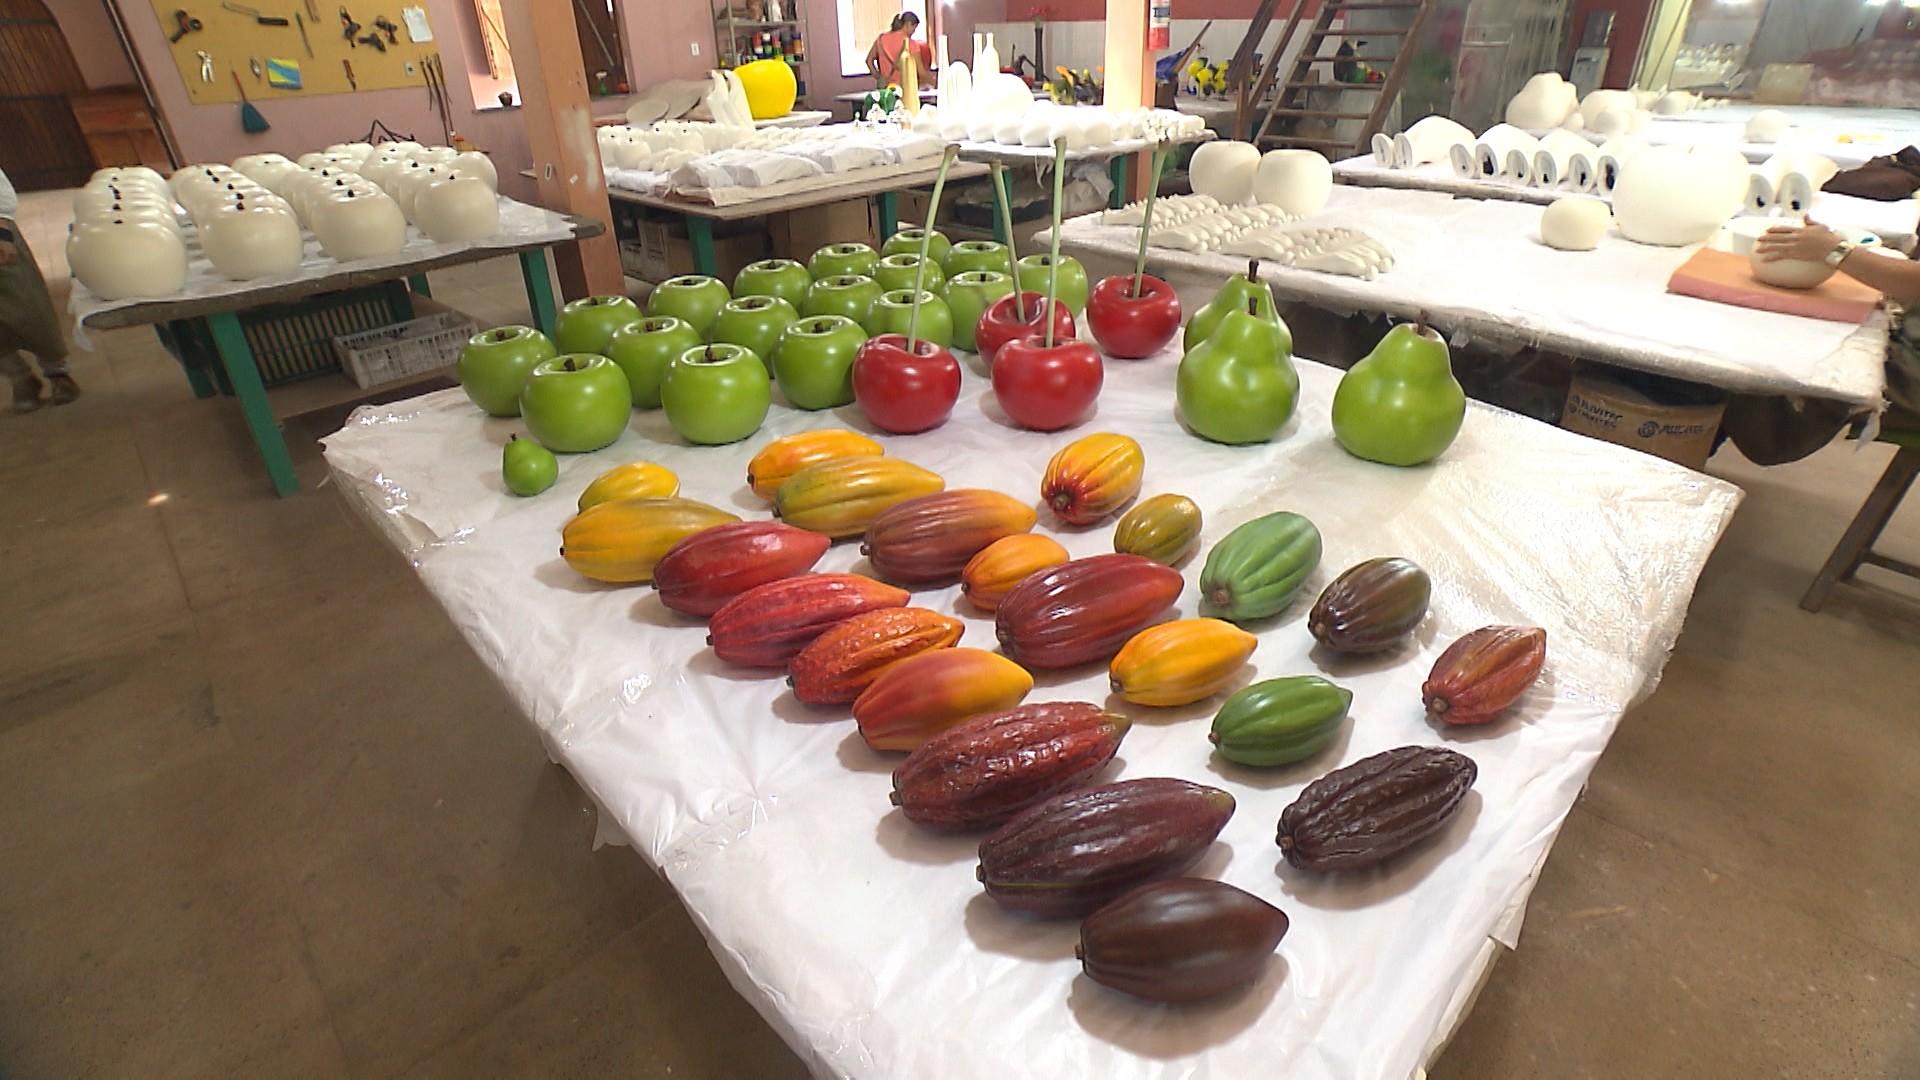 As frutas são a primeira coleção de um catálogo de cerâmicas variadas (Foto: Divulgação)